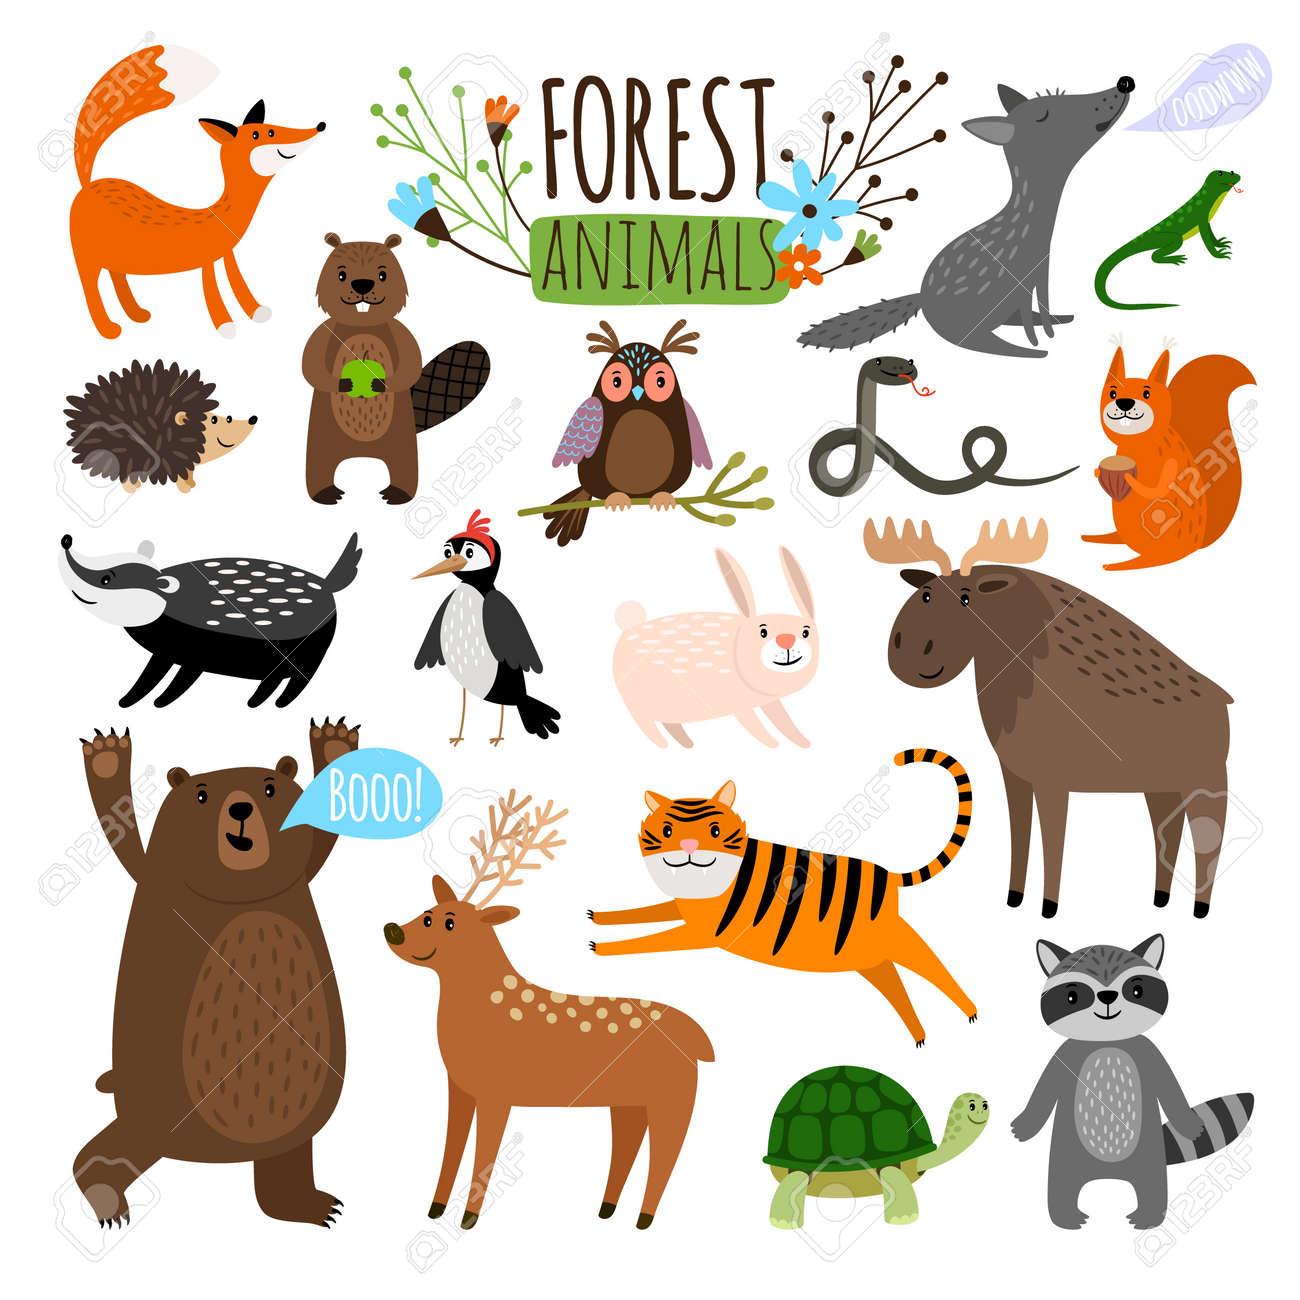 Forest animals set - 167508229